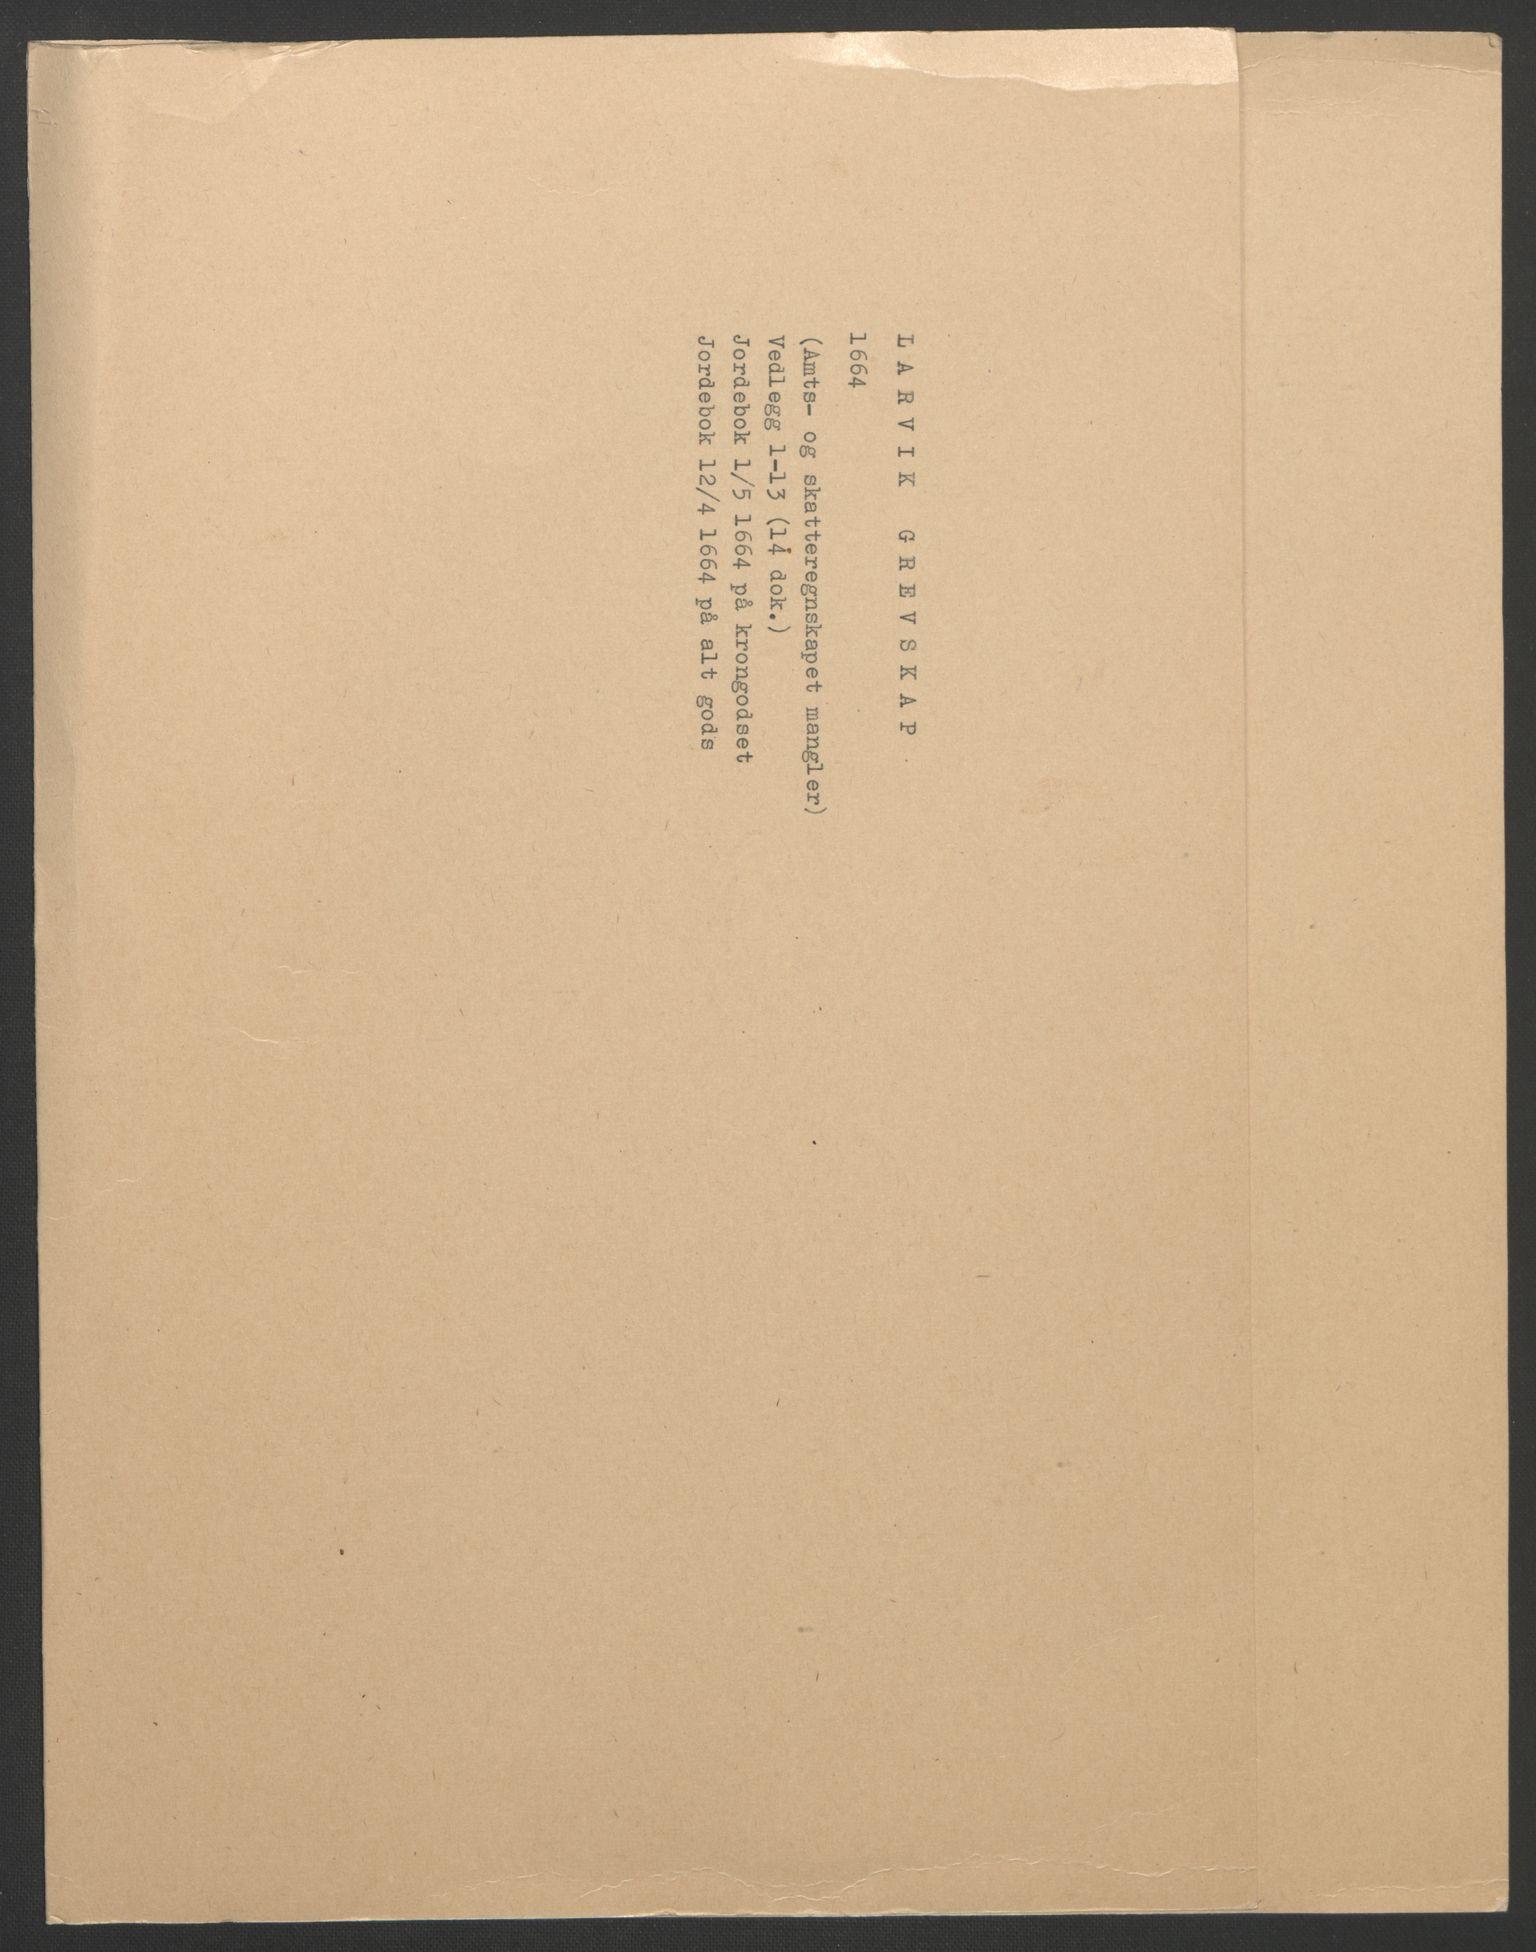 RA, Rentekammeret inntil 1814, Reviderte regnskaper, Fogderegnskap, R33/L1963: Fogderegnskap Larvik grevskap, 1662-1664, s. 197